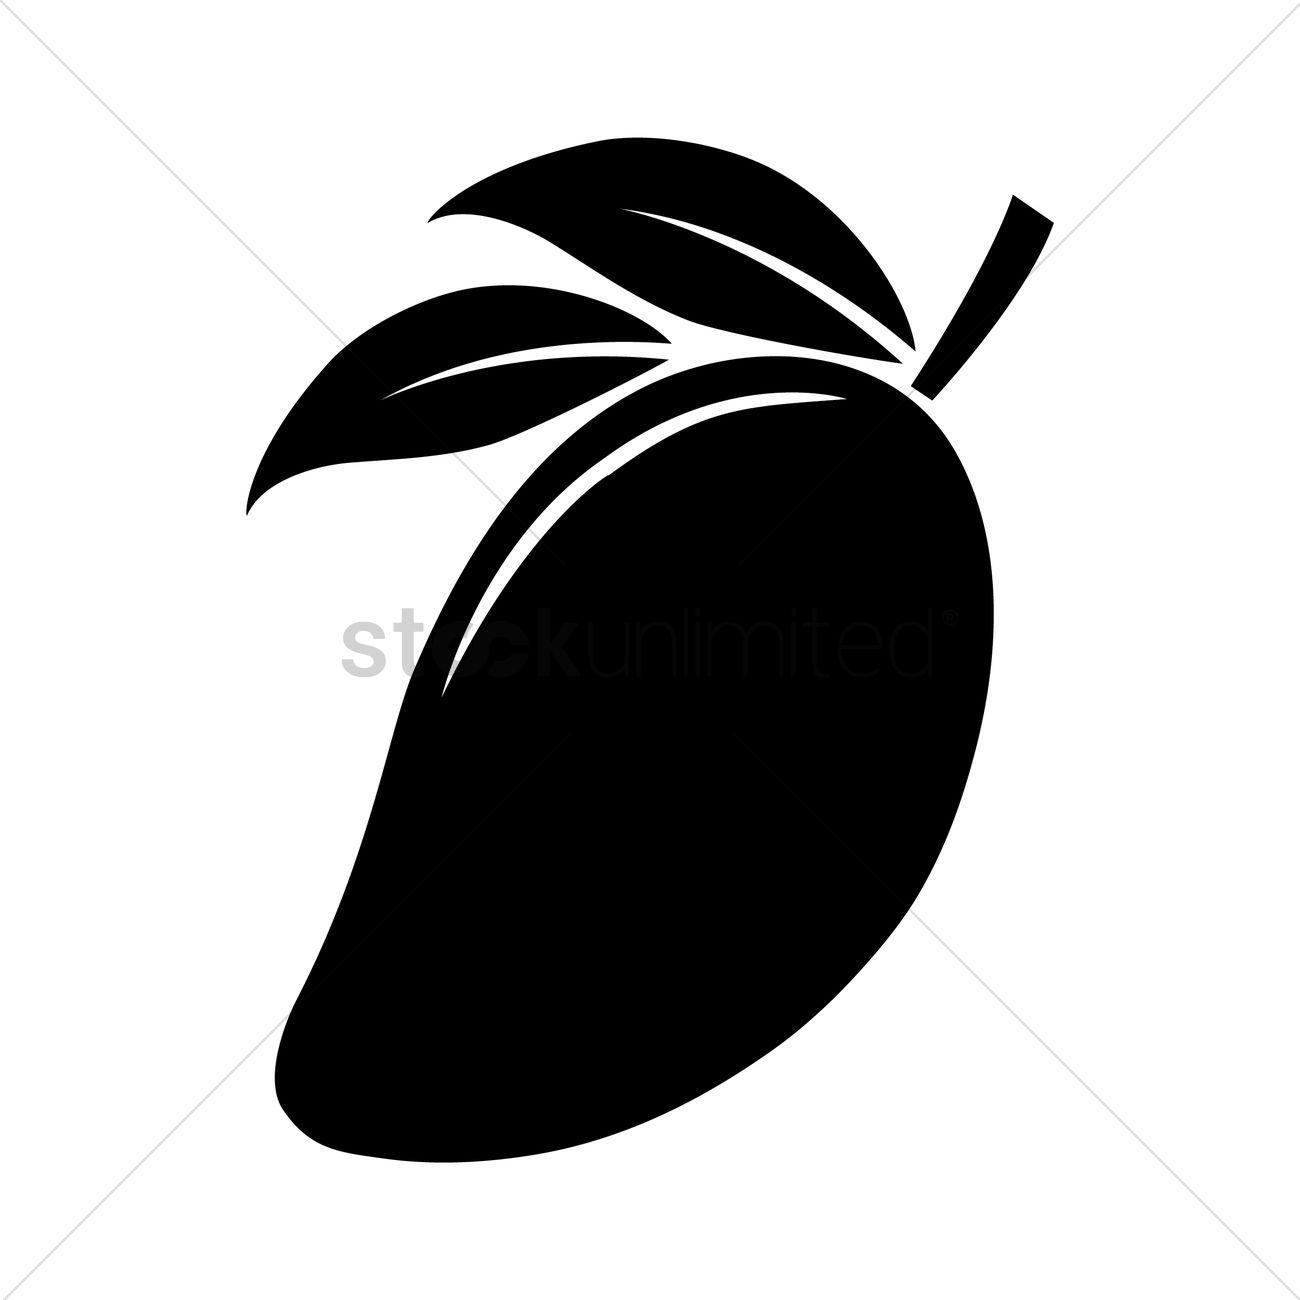 Silhouette Of Mango Vectors Stock Clipart Affiliate Mango Silhouette Vectors Clipart Stock Af Mango Vector Modern Graphic Design Stencil Designs